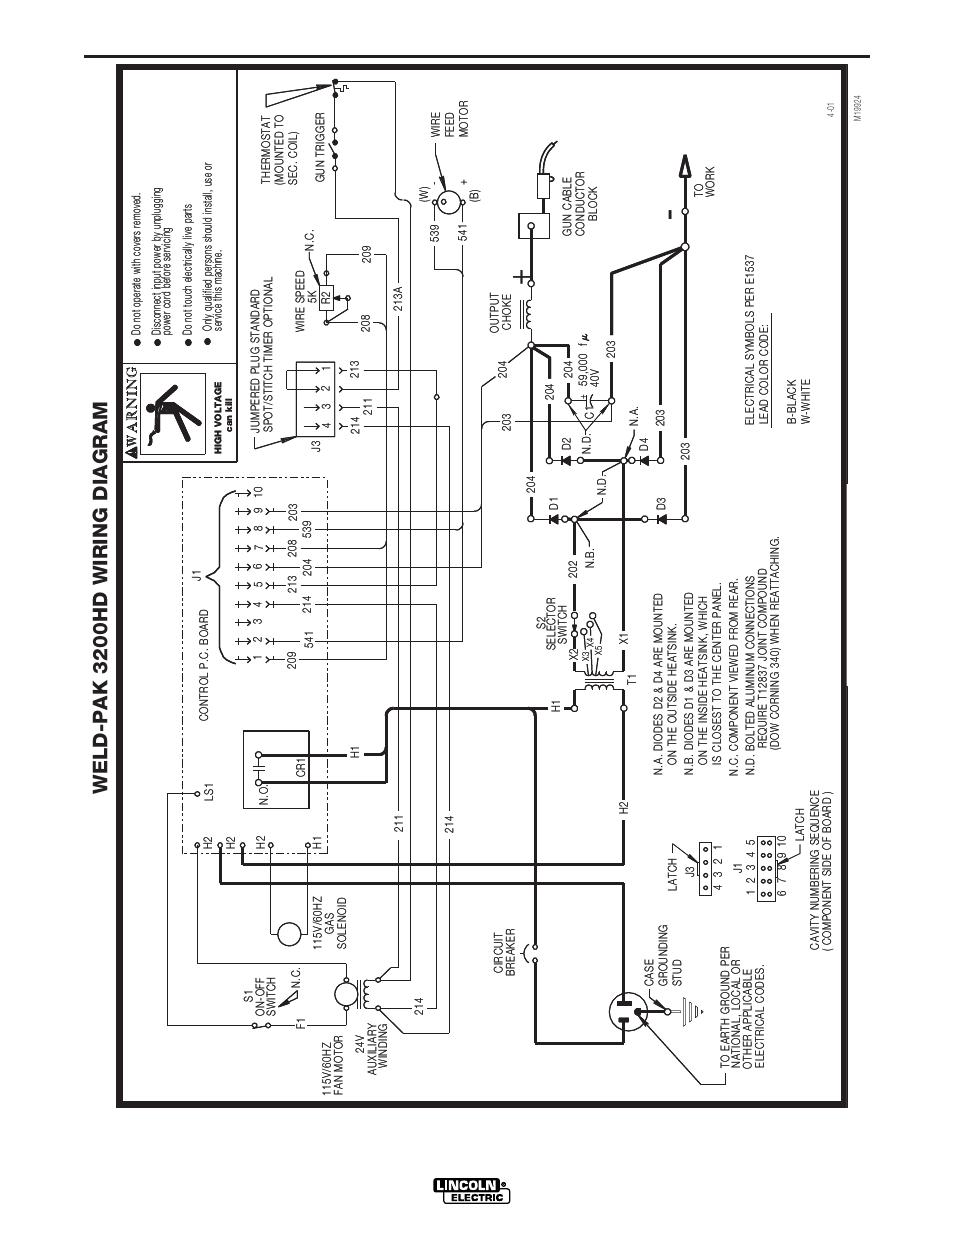 Lincoln 225 Welder Wiring Diagram - Wiring Diagrams Schematics